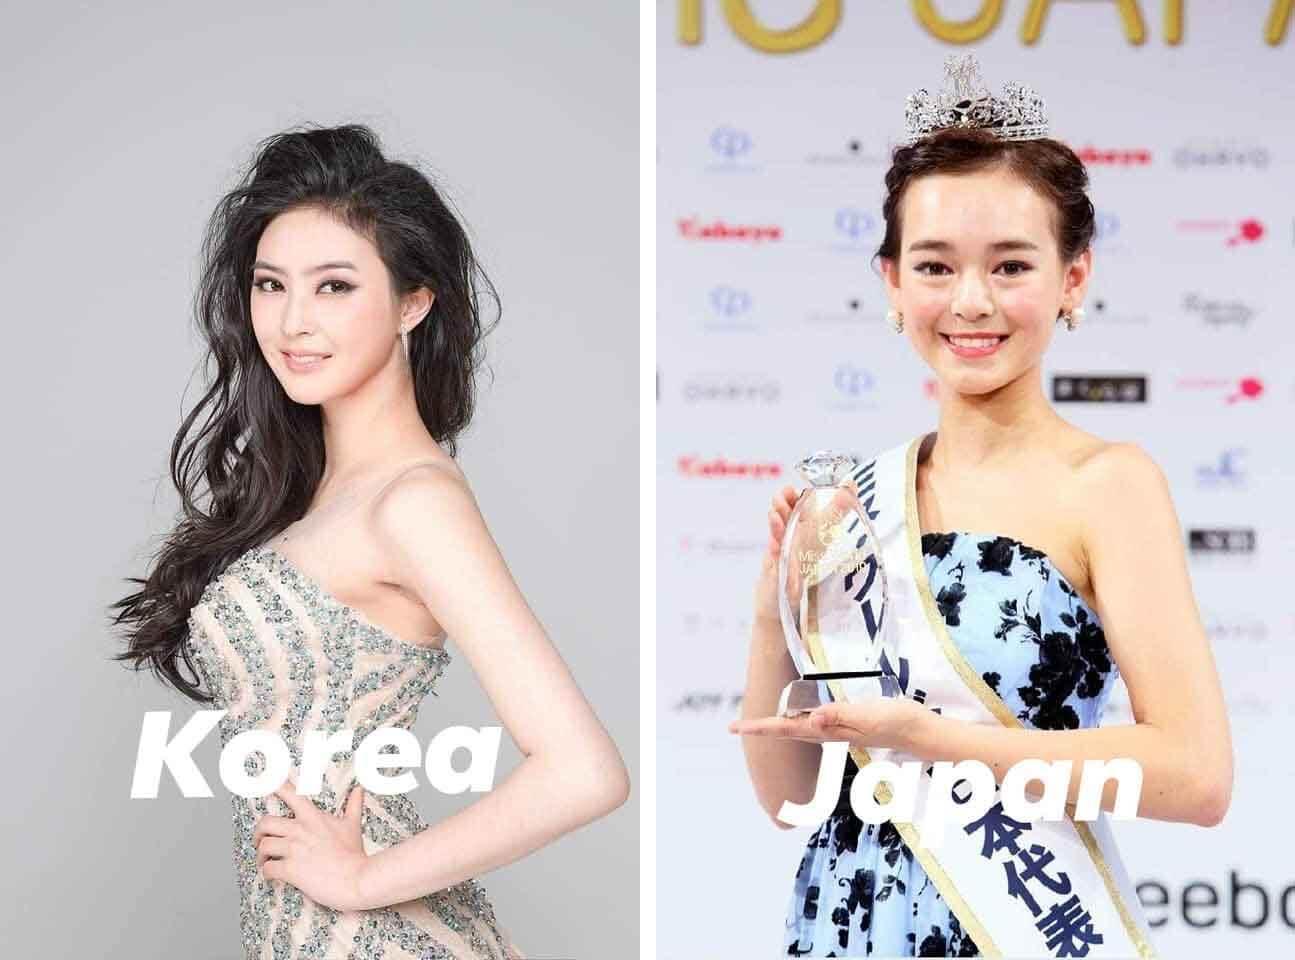 韩国和日本世界小姐